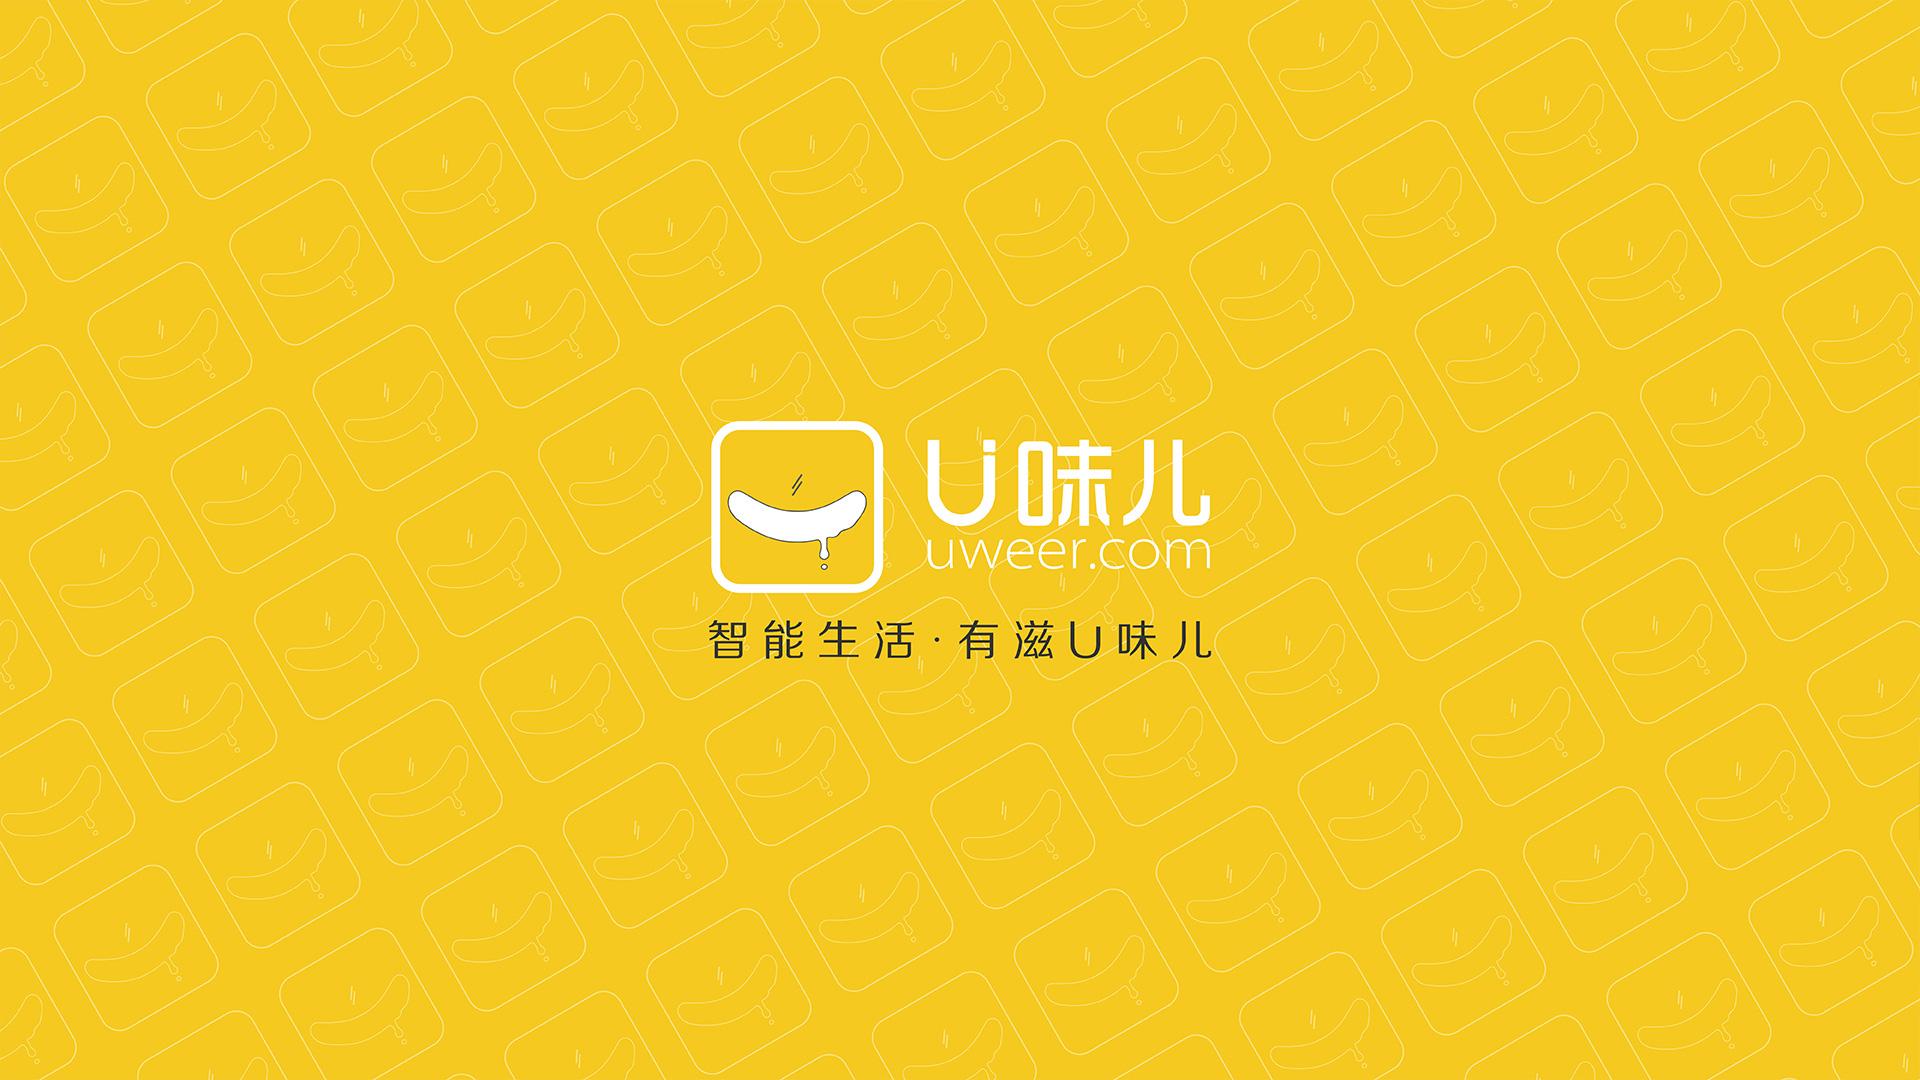 U味儿品牌设计餐饮品牌设计墨尔本北京品牌设计